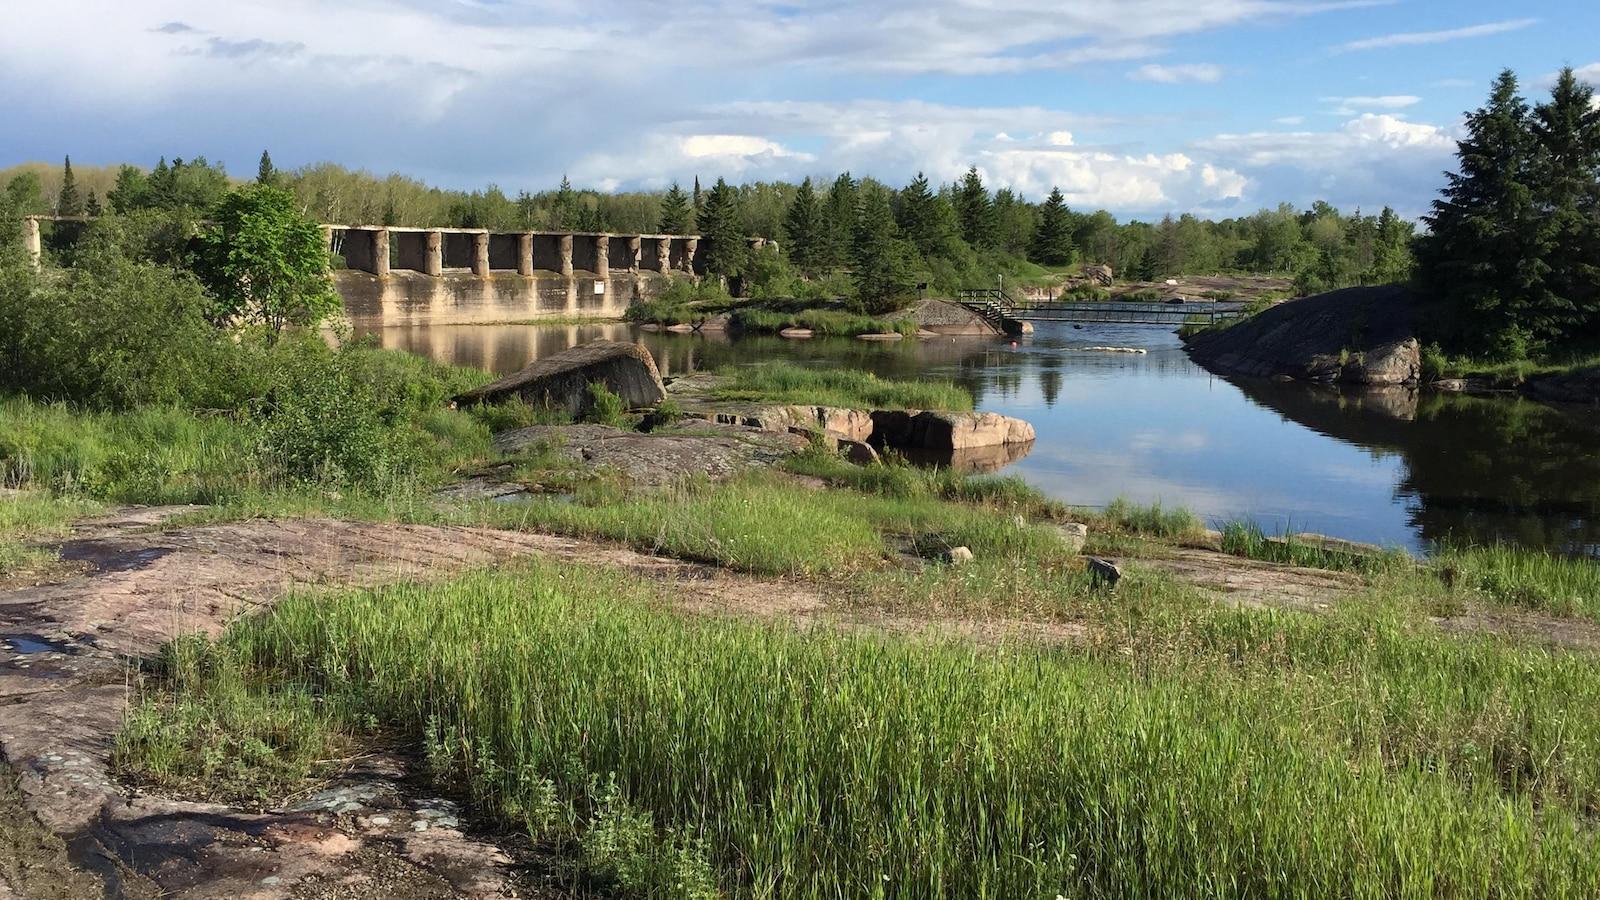 Les ruines du barrage sur le canal Pinawa